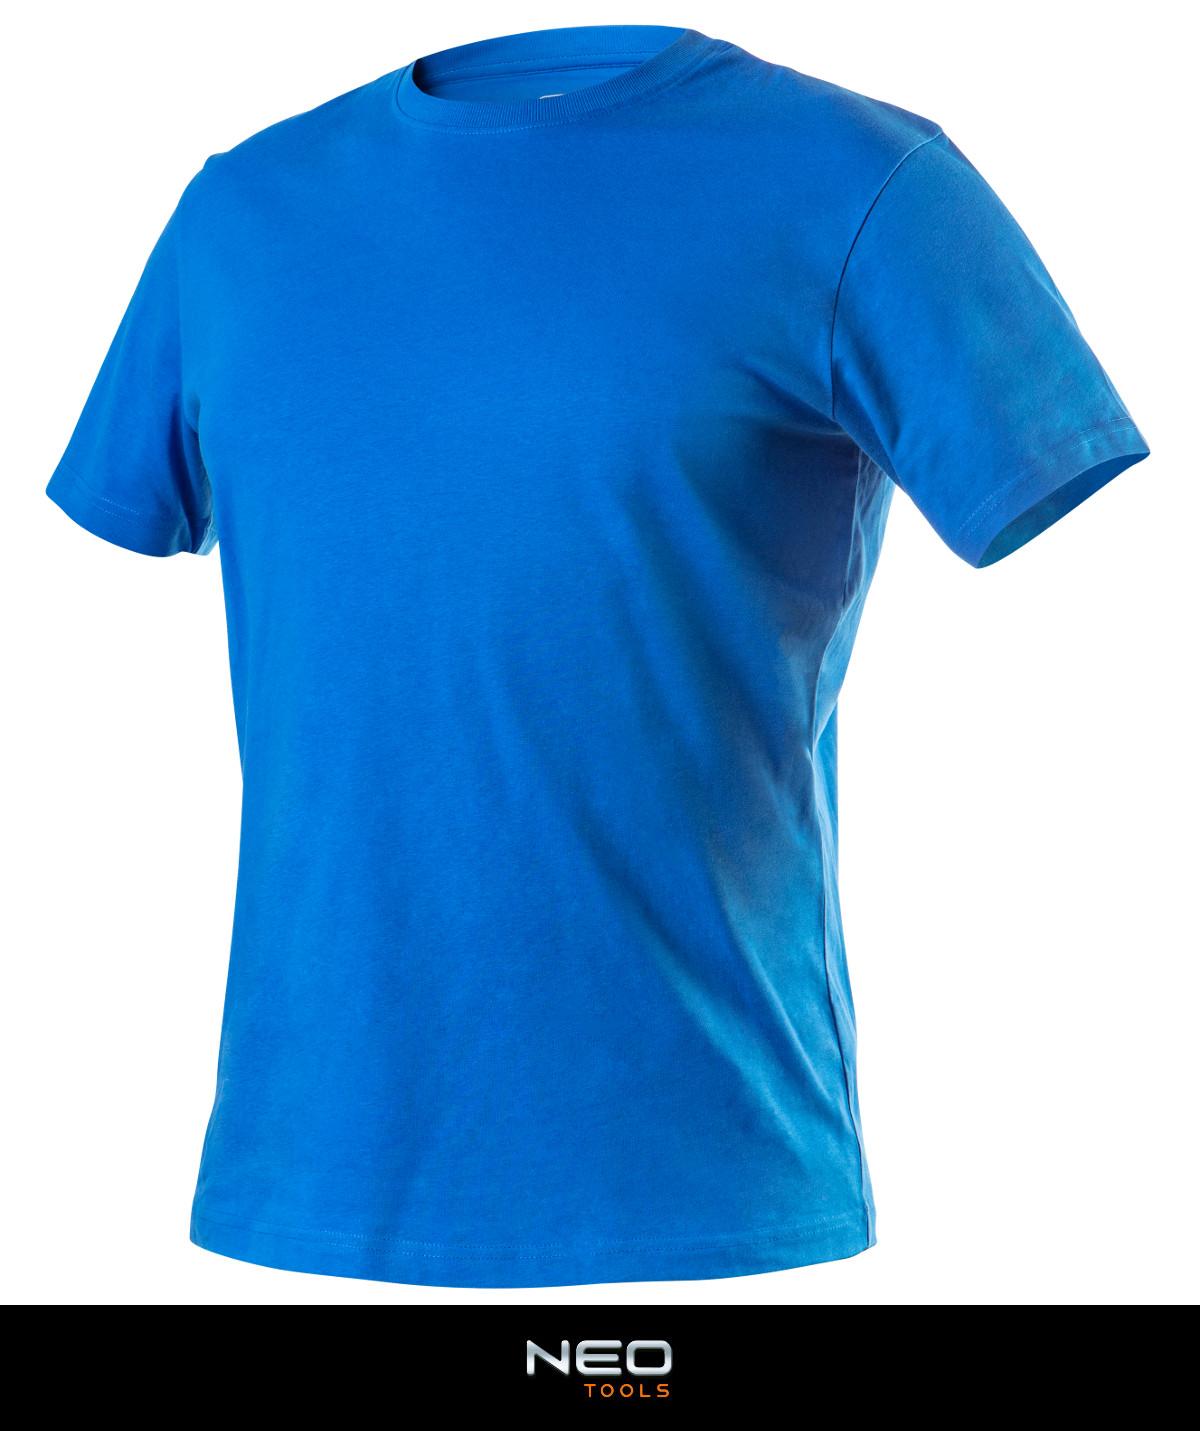 НЕО футболки футболка рабочая 81-615 HD+ r. L/52